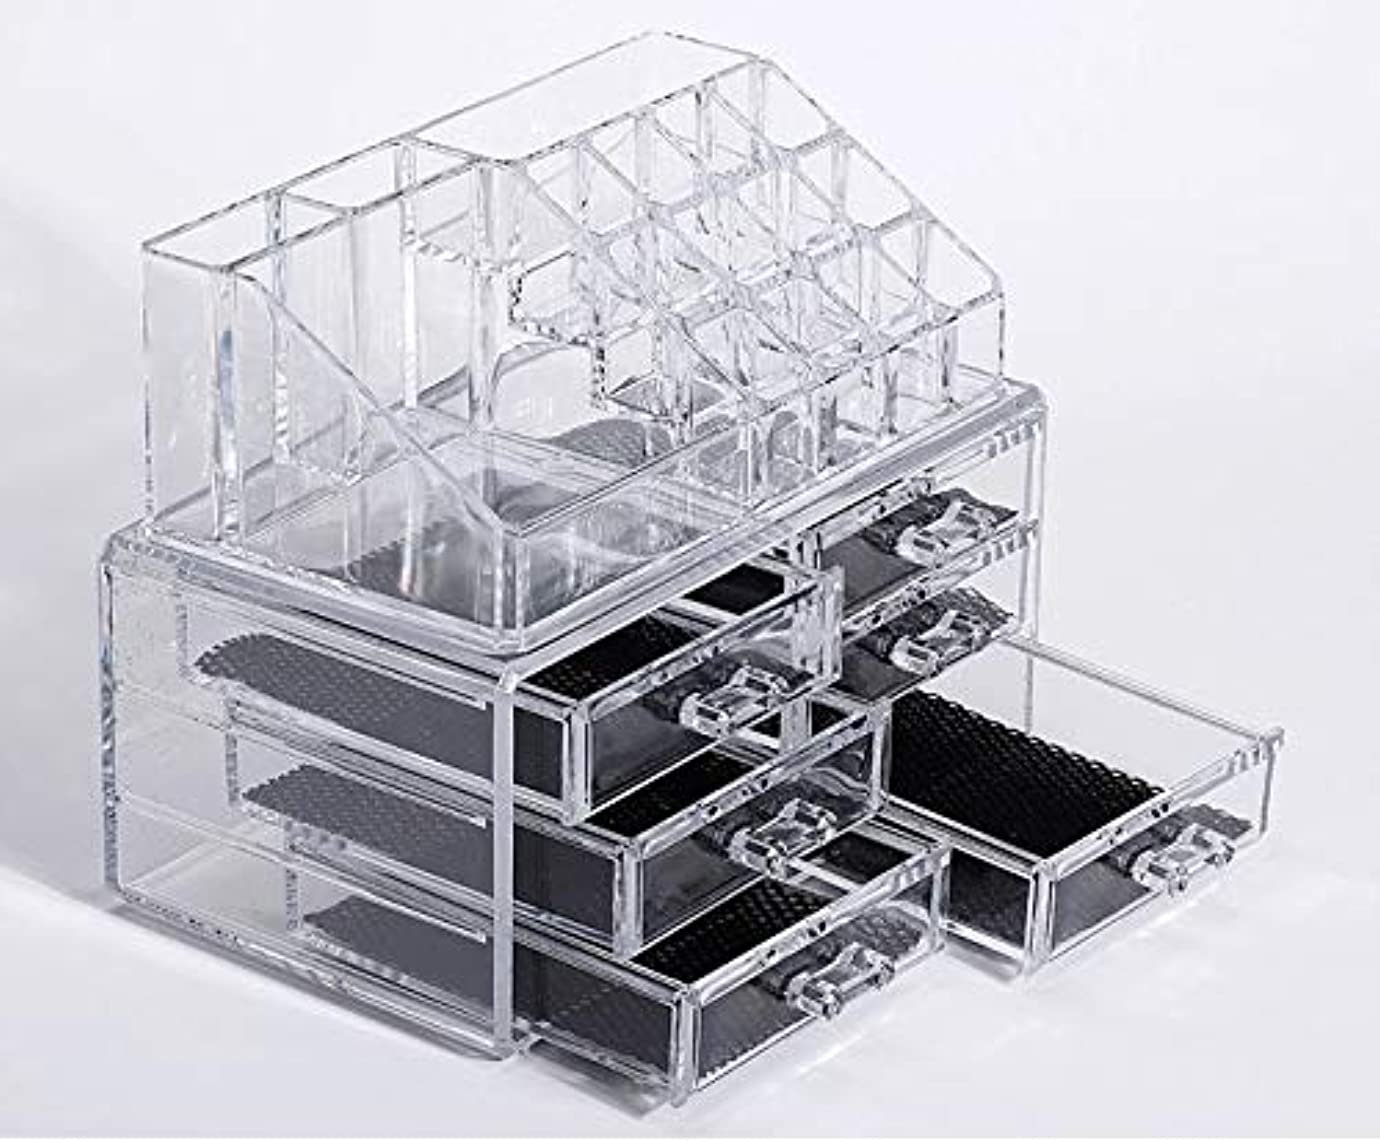 コマンド収容する原告化粧品収納ボックス メイクケース メイクボックス コスメボックス 騒音なし 防塵 高透明度 強い耐久性 整理簡単 引き出し小物